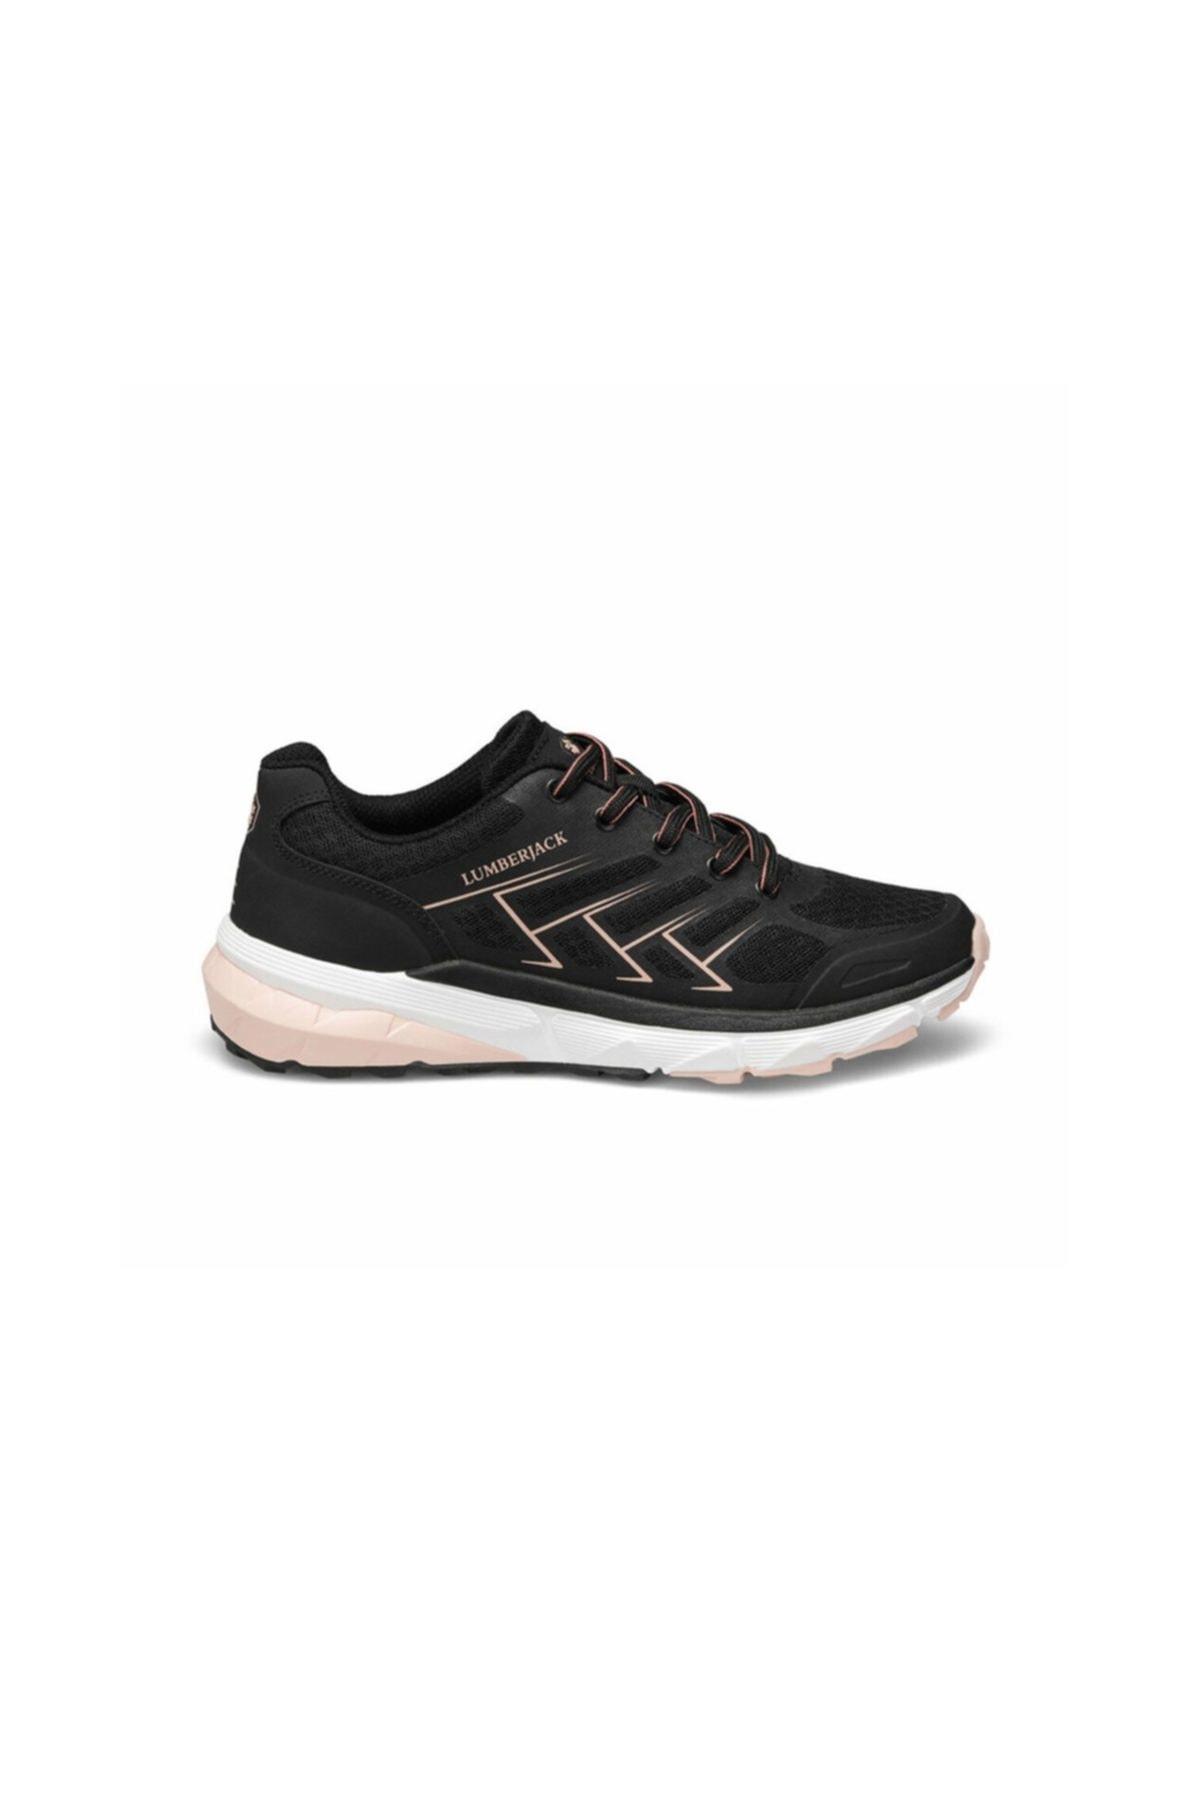 lumberjack BRAND Siyah Kadın Koşu Ayakkabısı 100485600 1